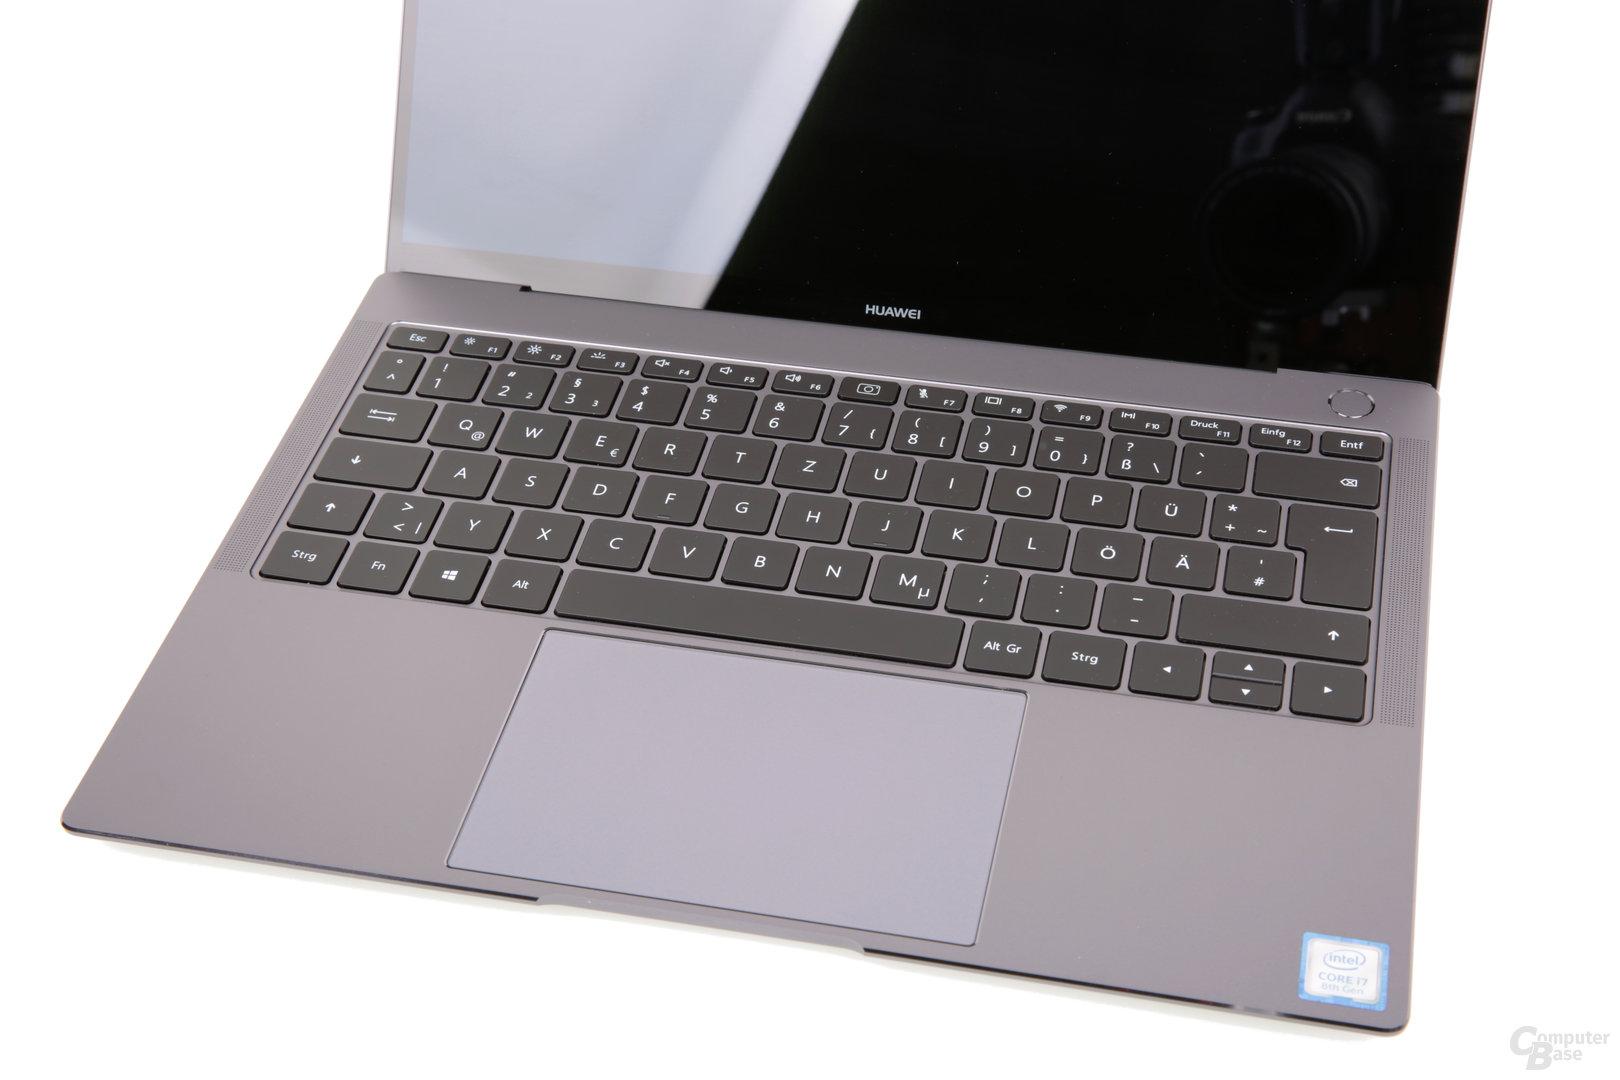 Touchpad im Verhältnis zur Tastatur